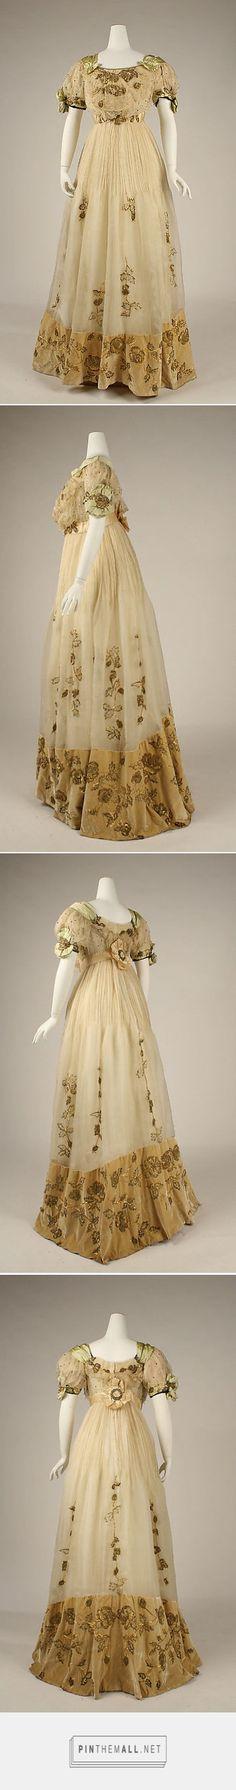 Evening dress ca. 1905 Austrian | The Metropolitan Museum of Art